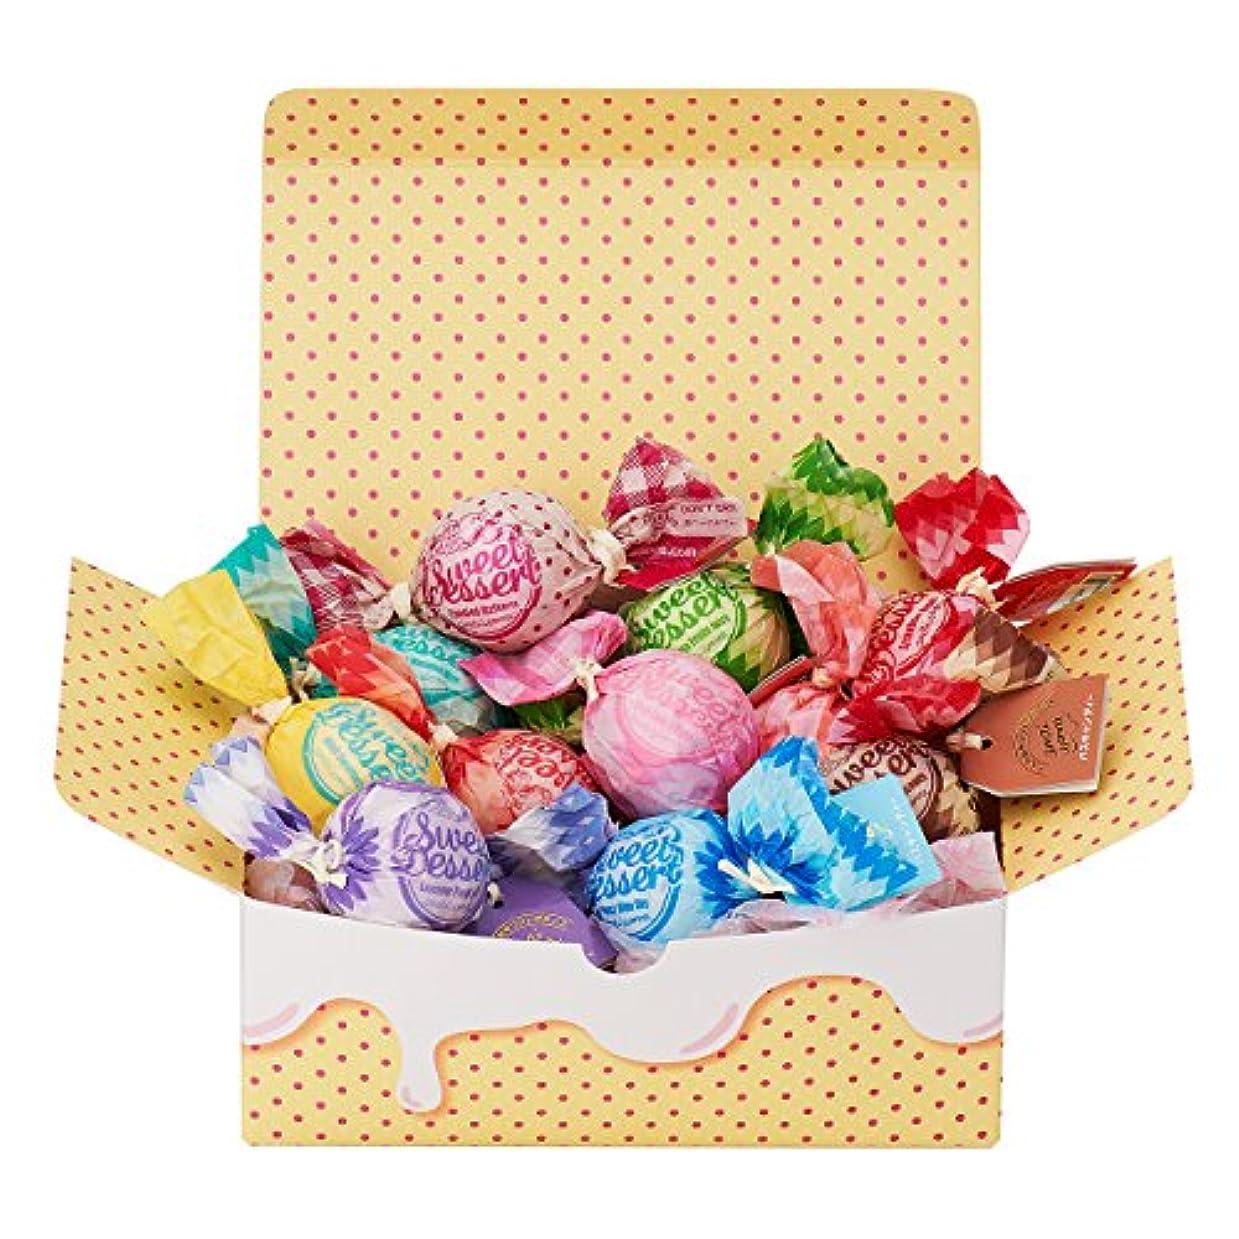 一元化するブラウズブラウザアマイワナ 11粒のしあわせ(箱入りバスギフト キャンディー型入浴料×11個)